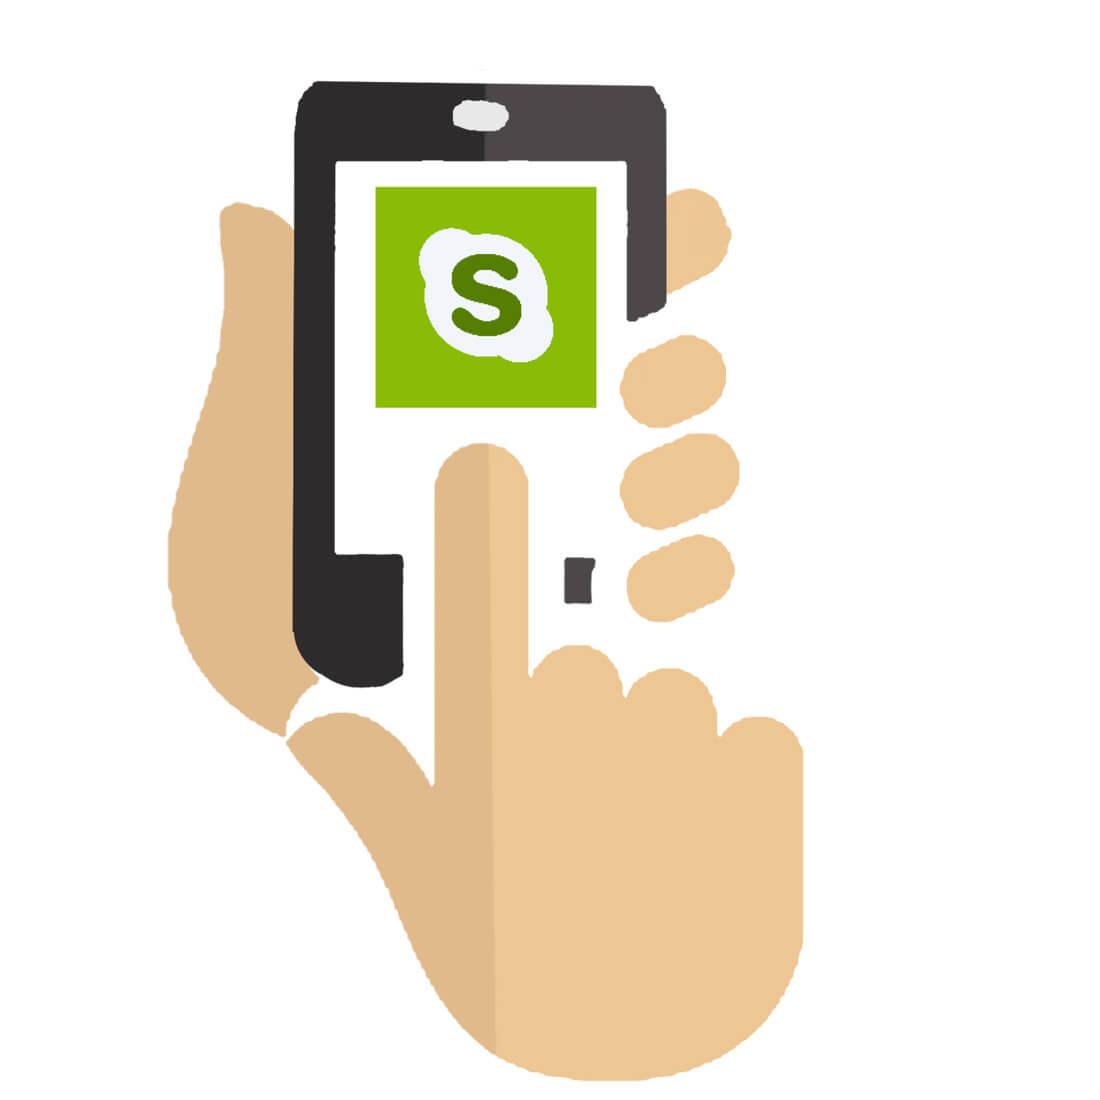 Der virtuelle Assistent ist per skype erreichbar. Quelle: pixabay